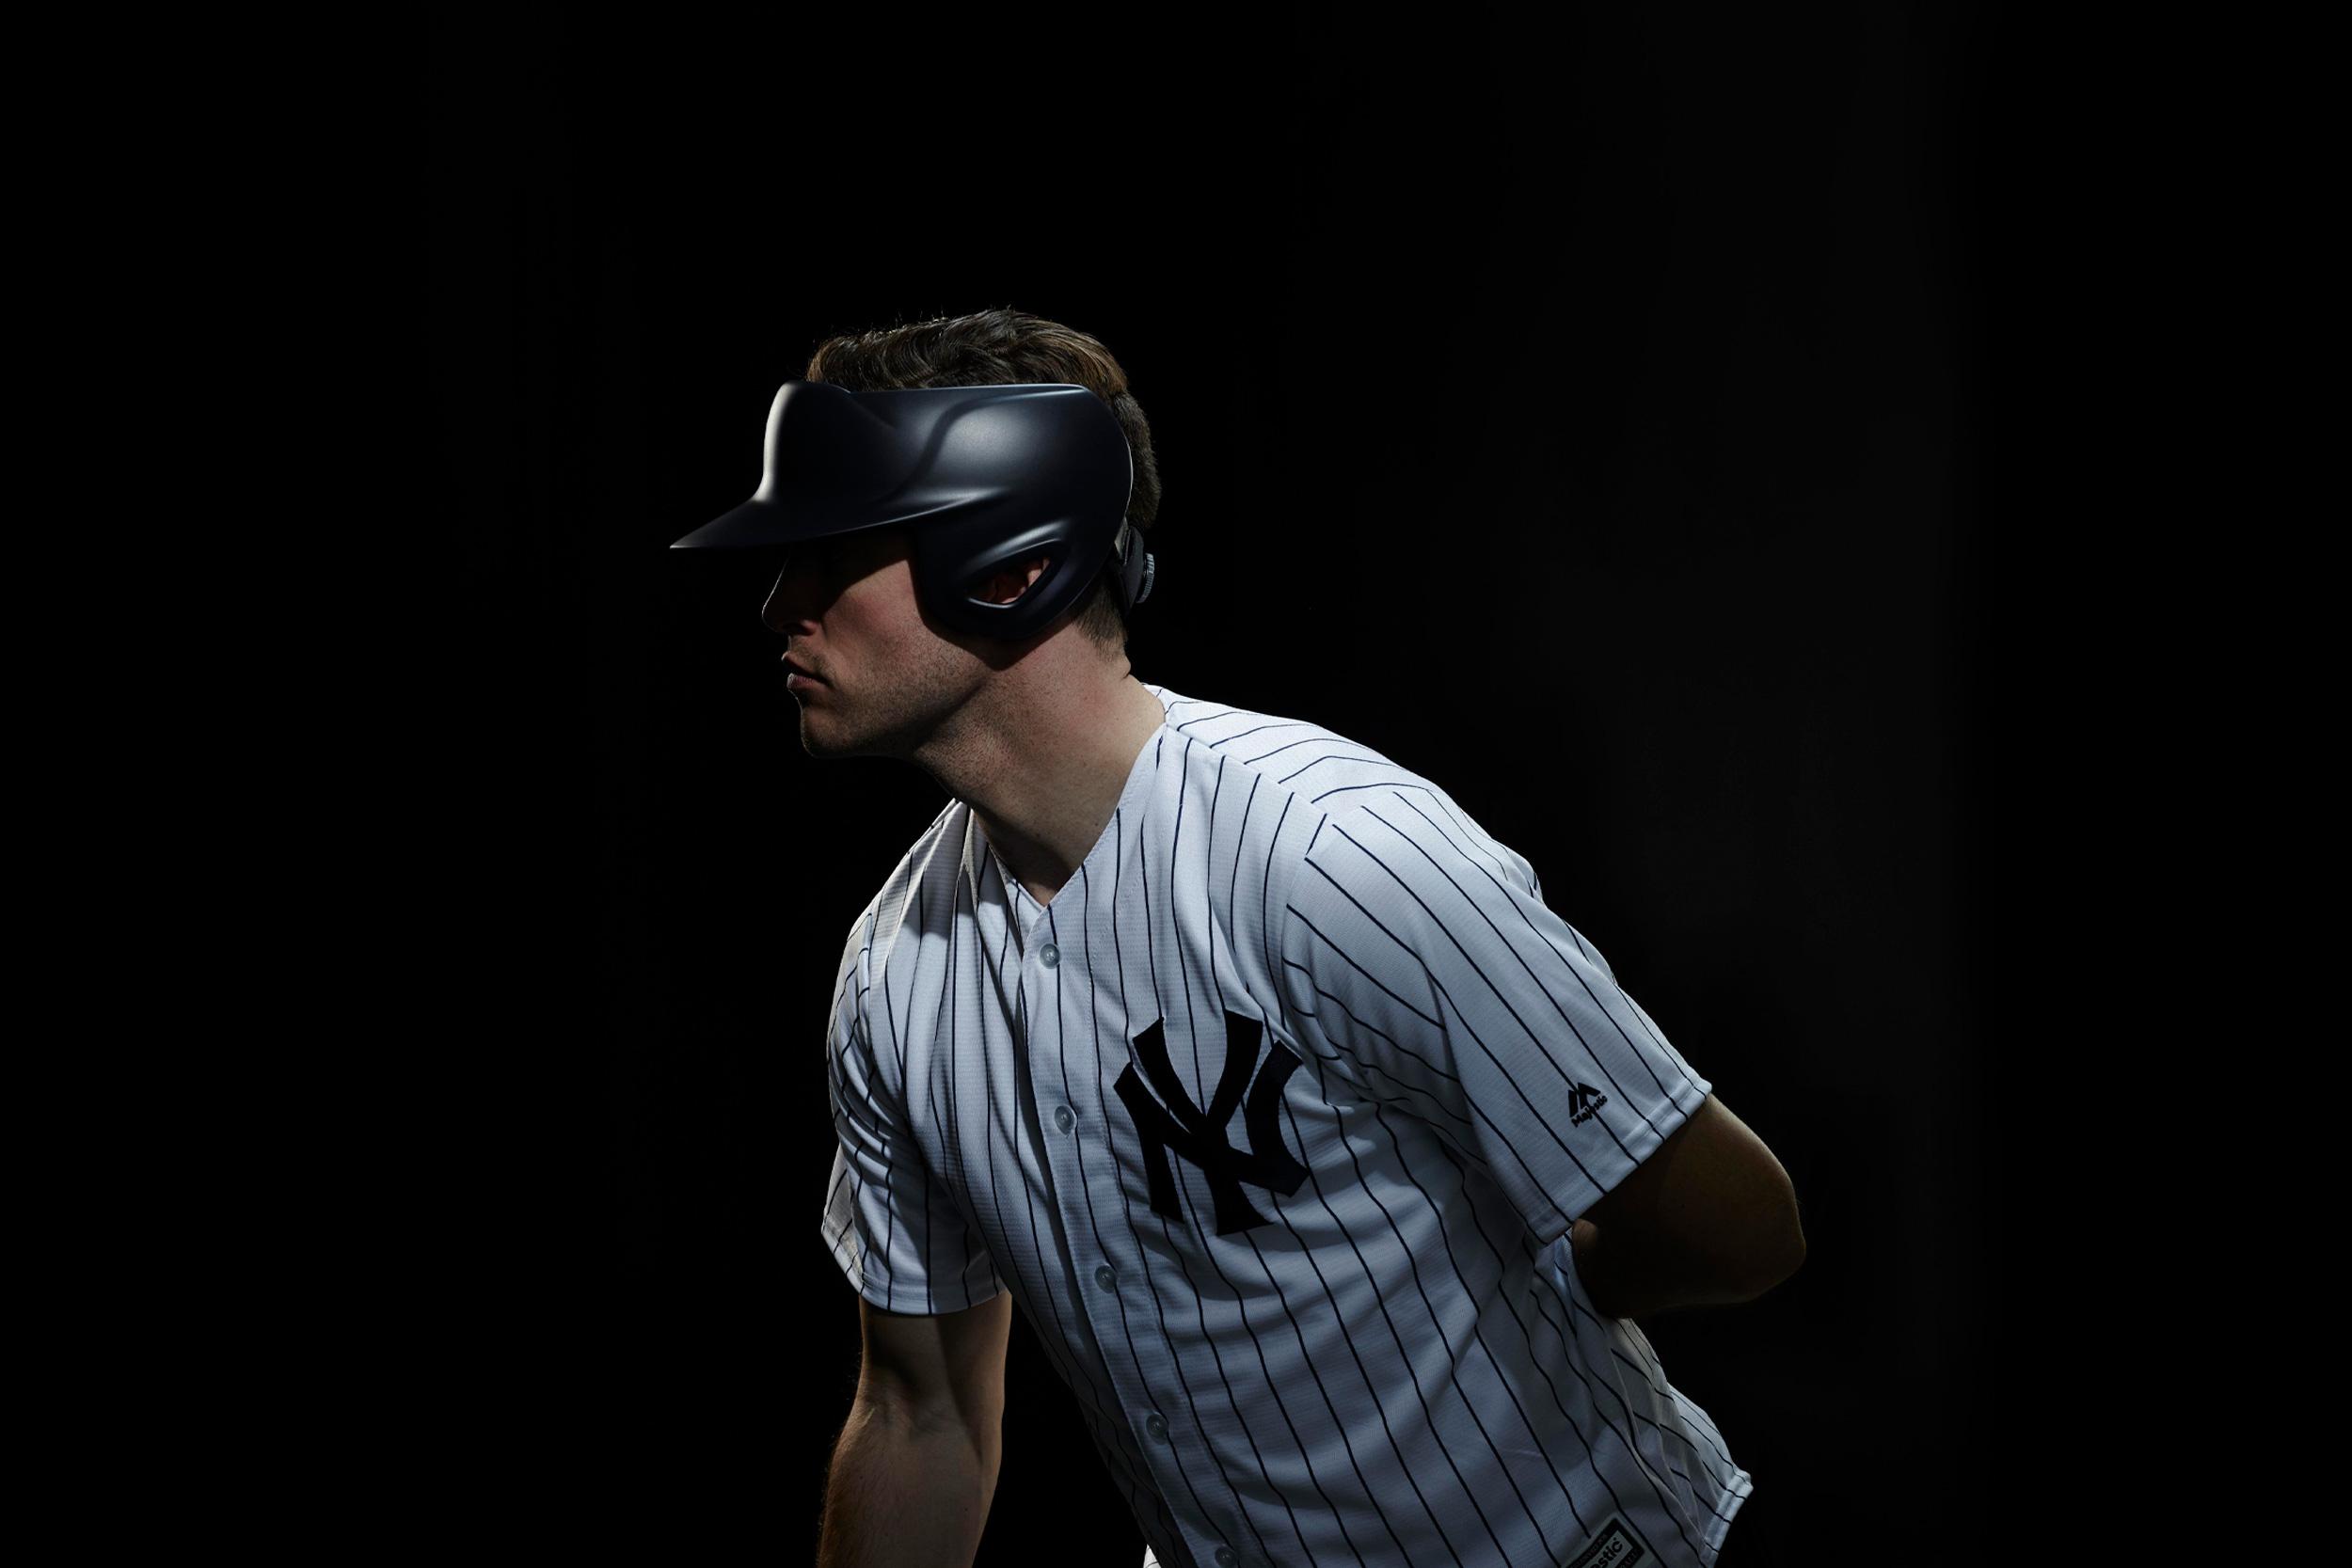 MLB_3.jpg